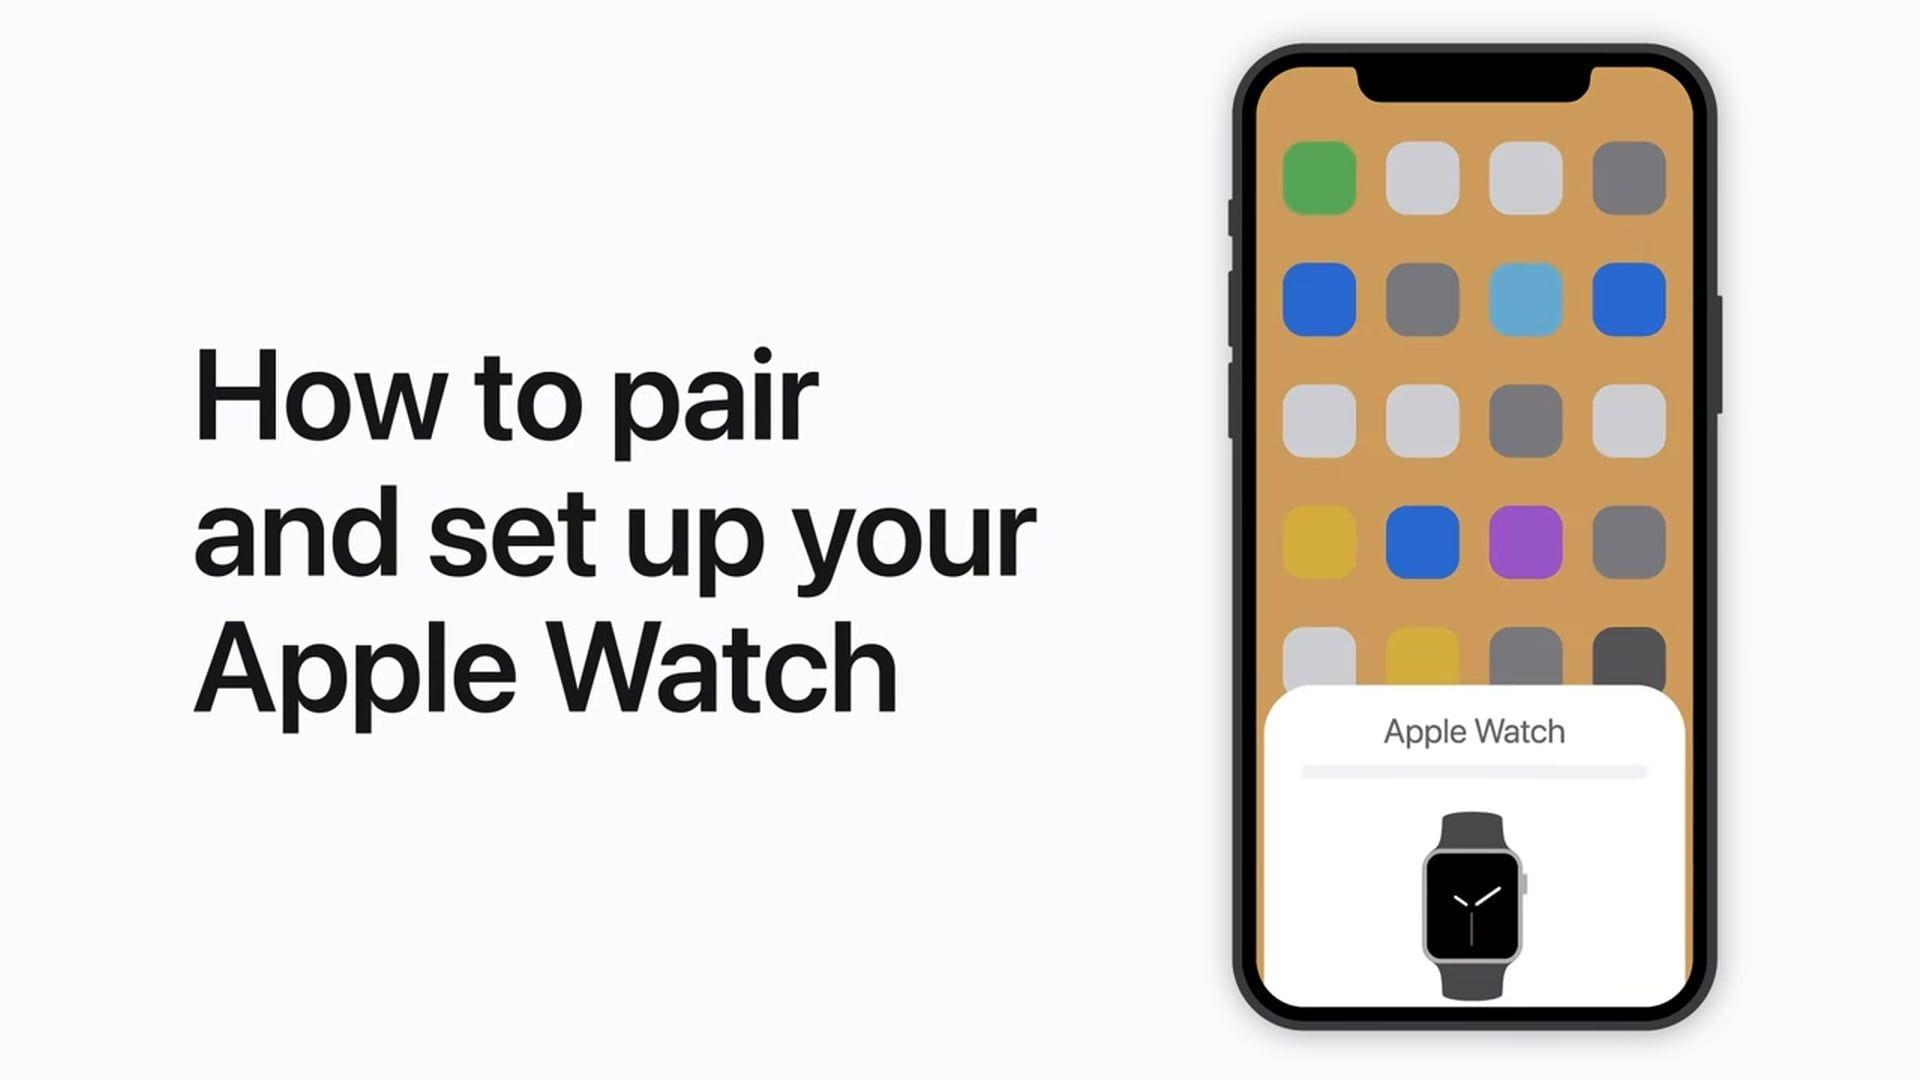 Poradnik Apple: Jak sparować i skonfigurować zegarek Apple Watch